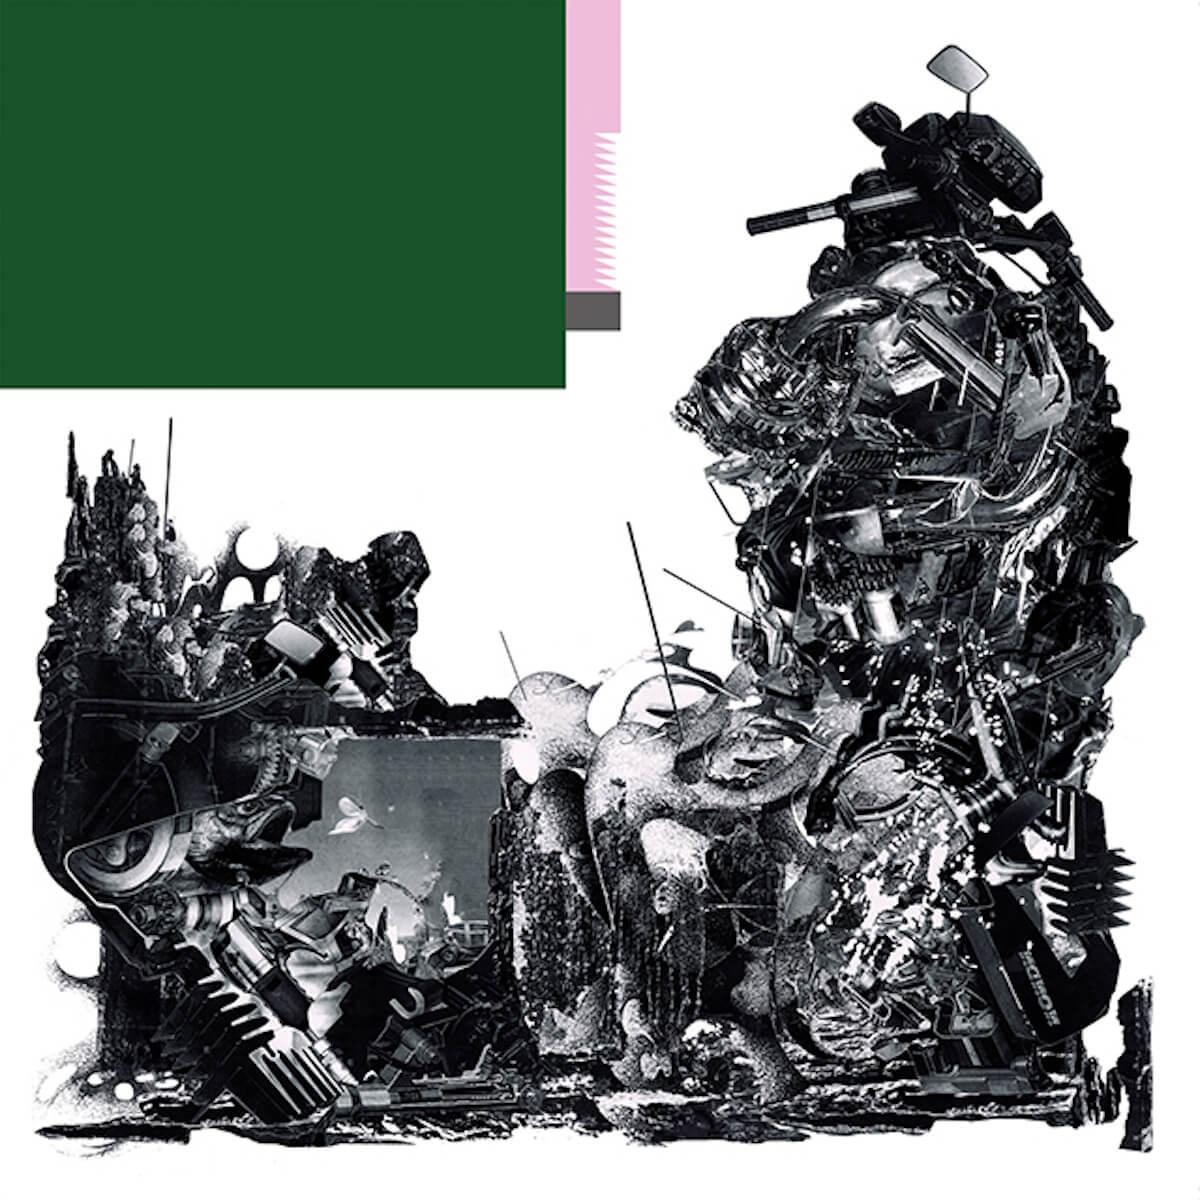 ロンドン発の新生バンド、black midiがアルバム『Schlagenheim』をリリース|初来日ツアーも決定 music190515_blackmidi_2